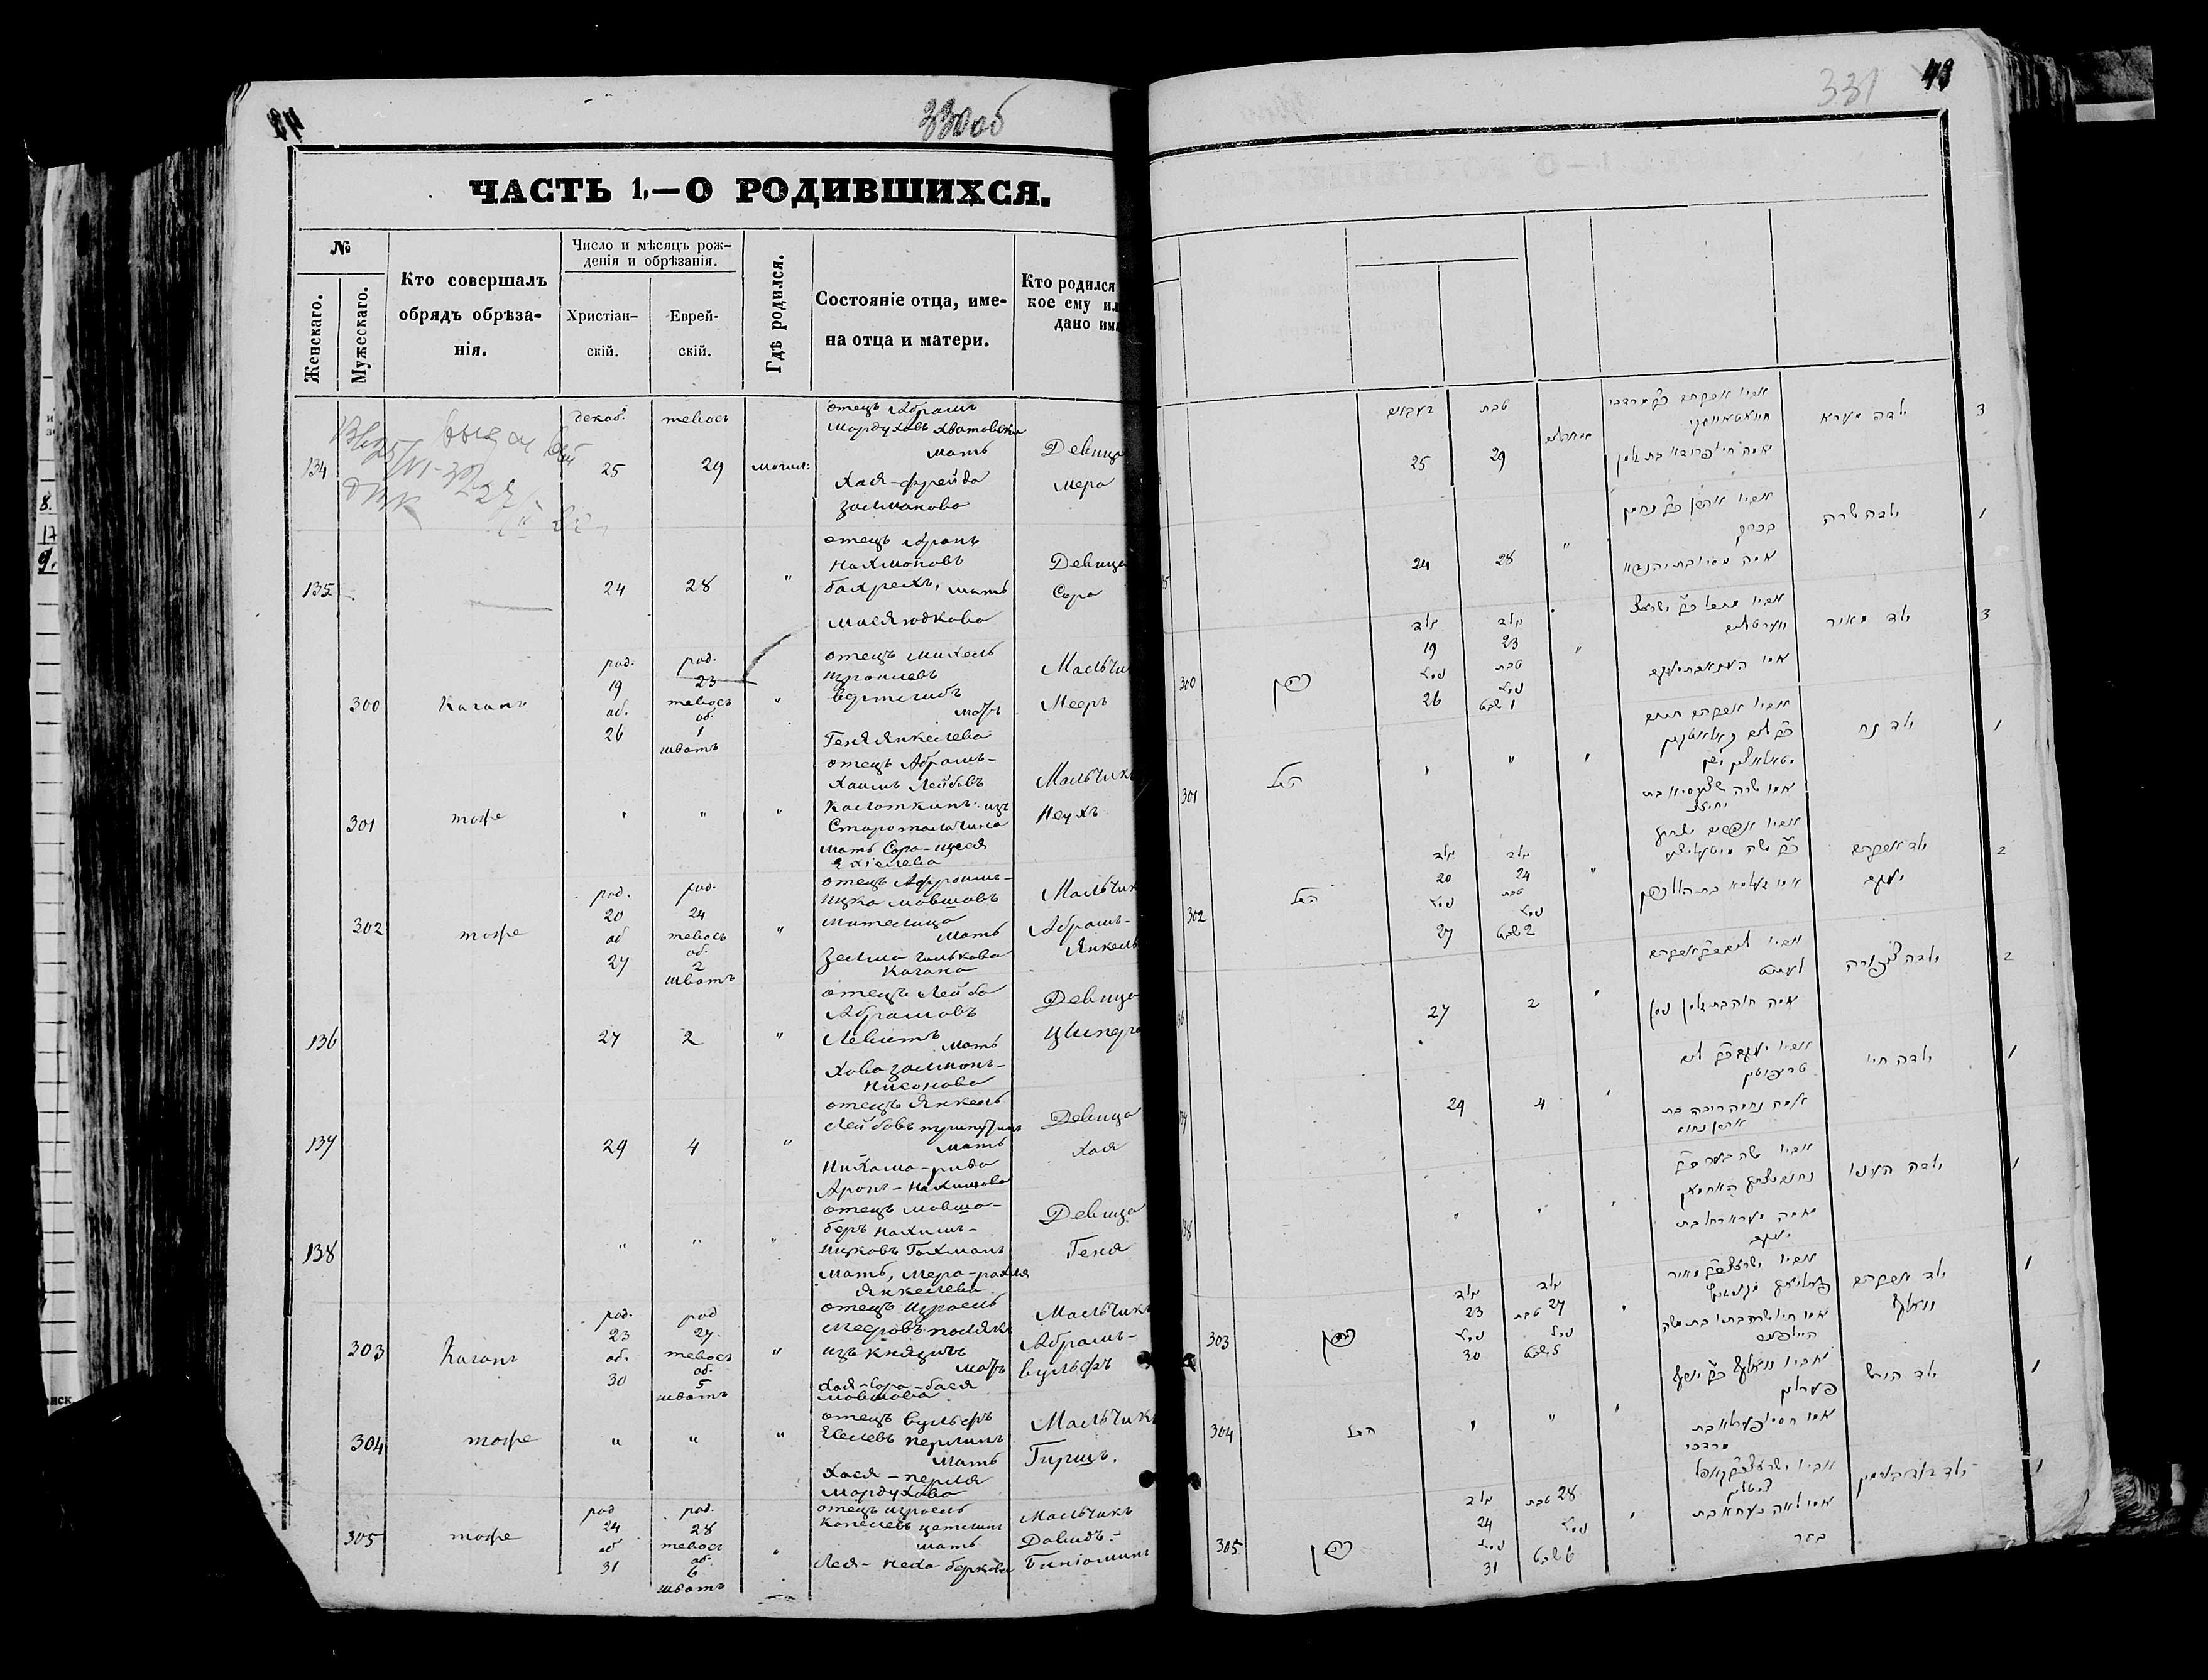 Неух Абрам-Хаимович Колодкин 18 декабря 1874, запись301, пленка 007766480, снимок 1070